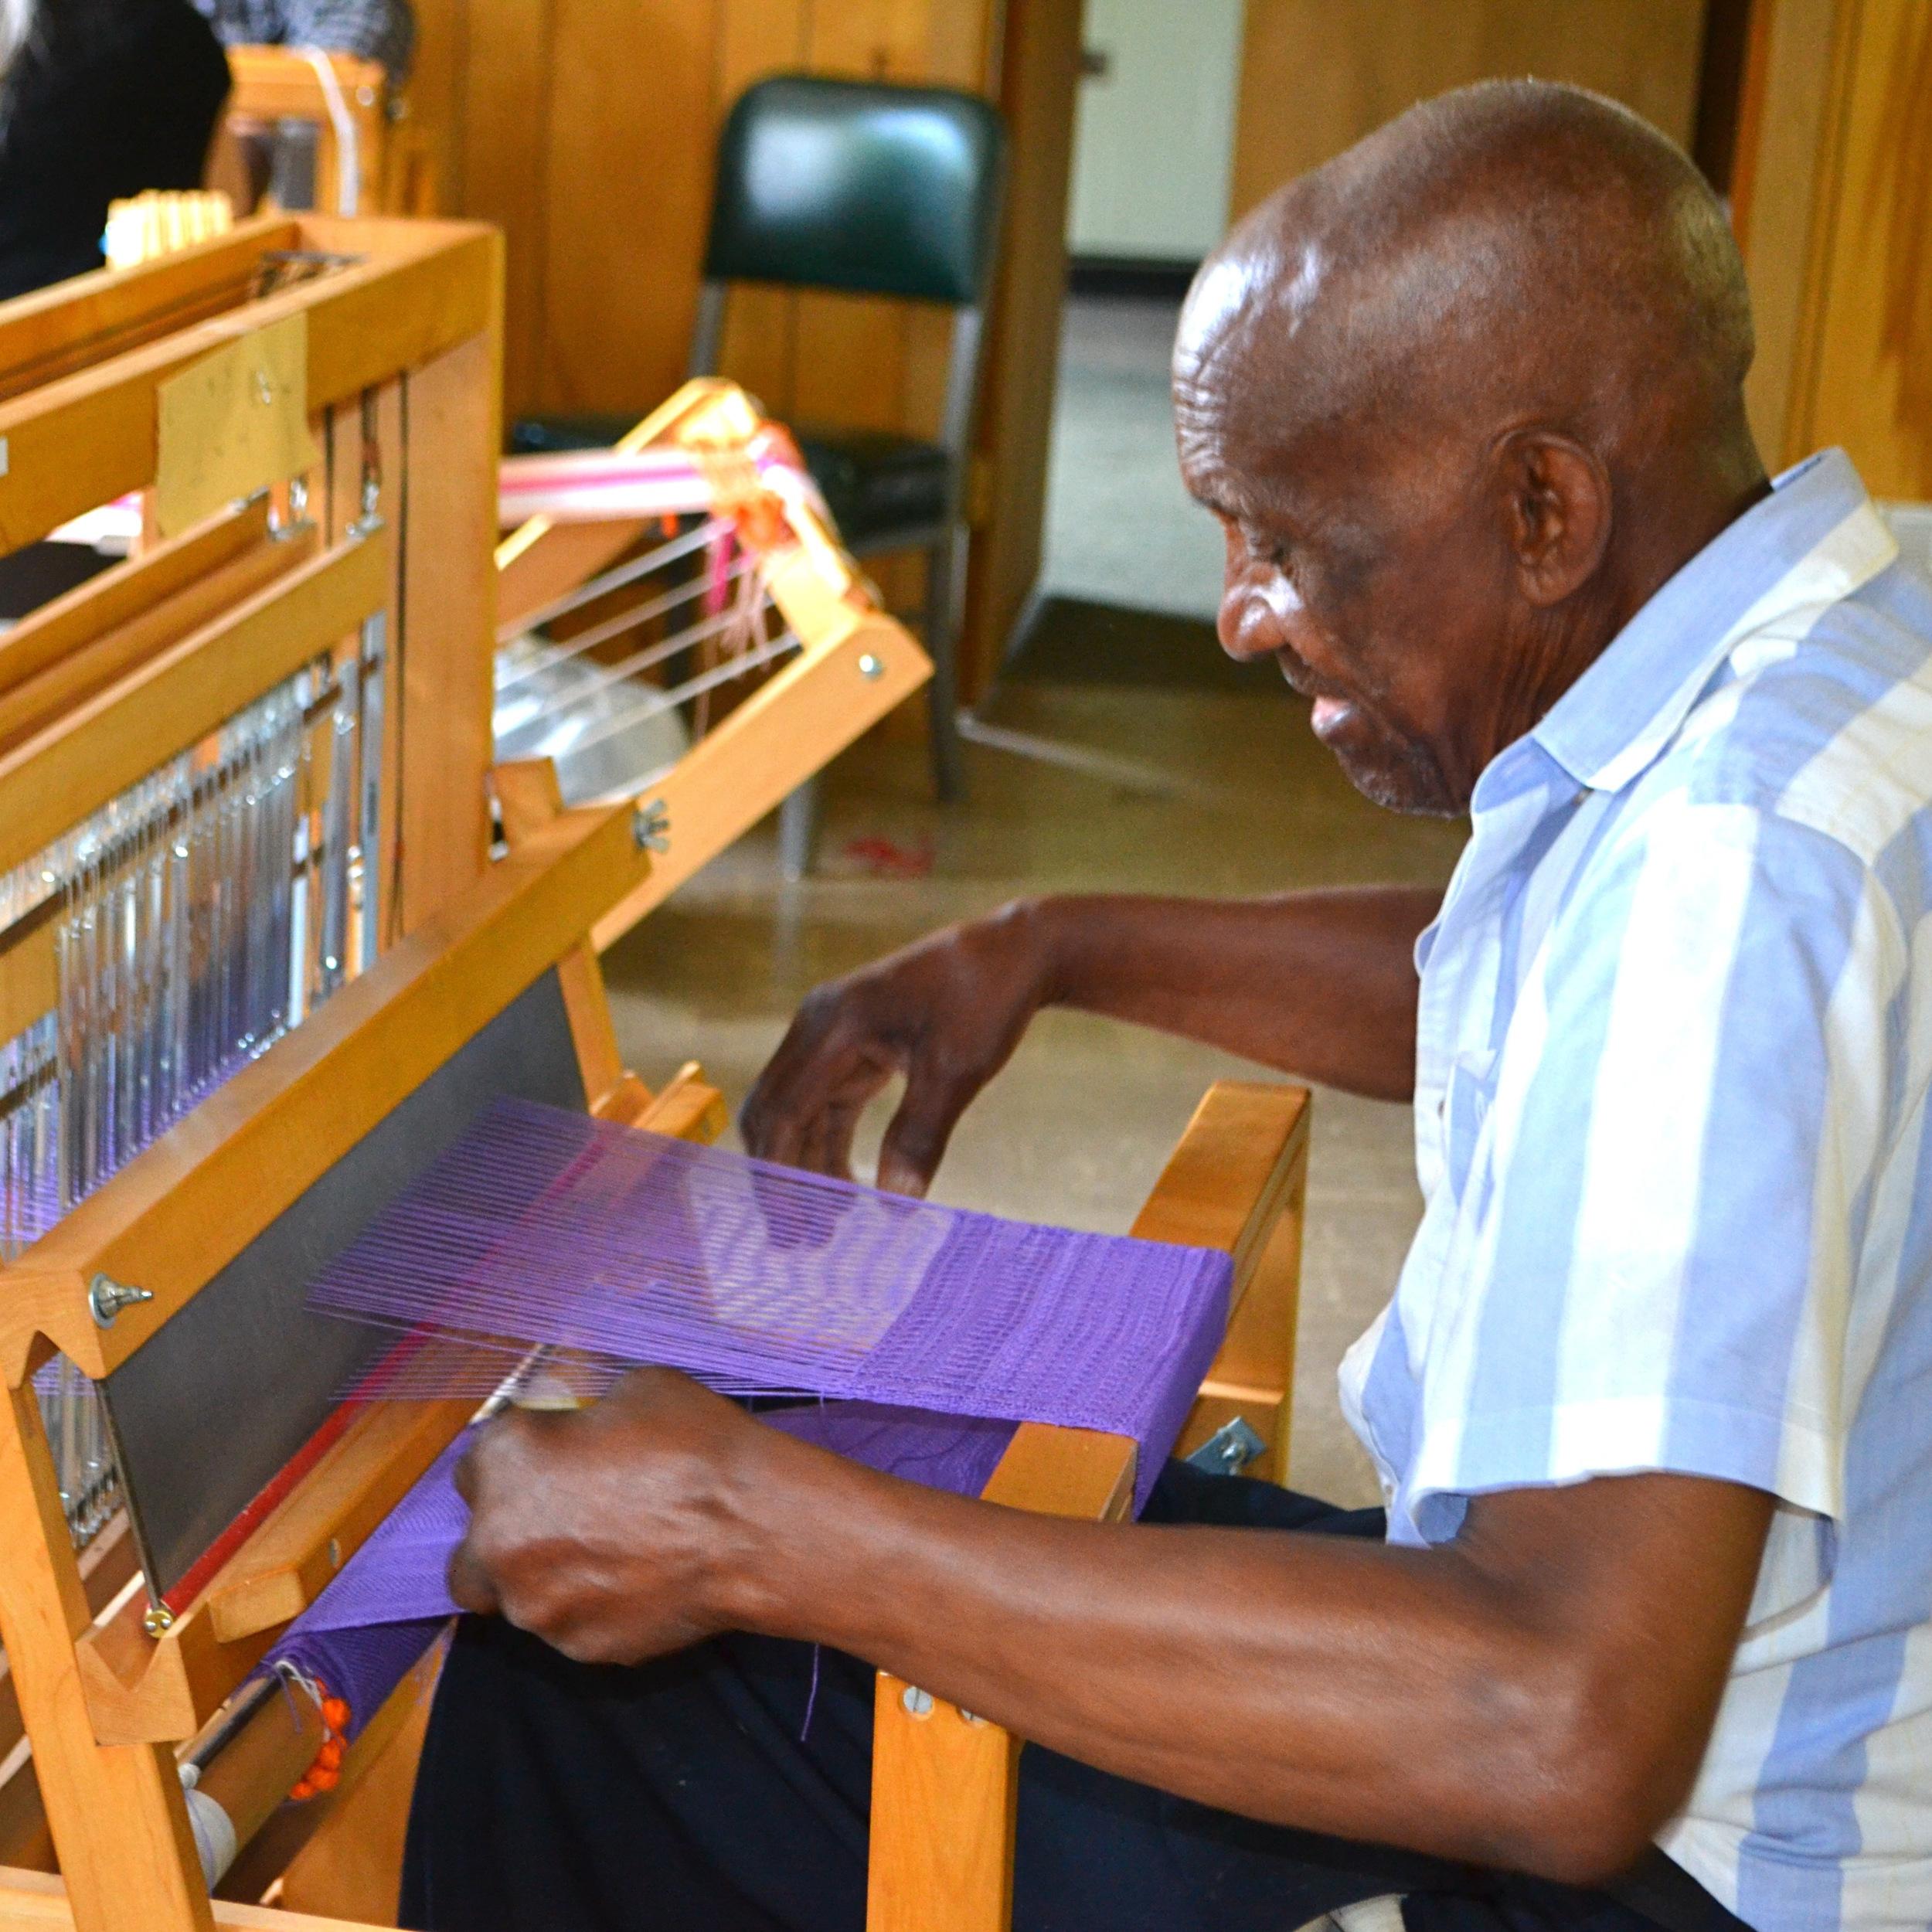 James Miller, Weaving, Loom - new aspect.jpg